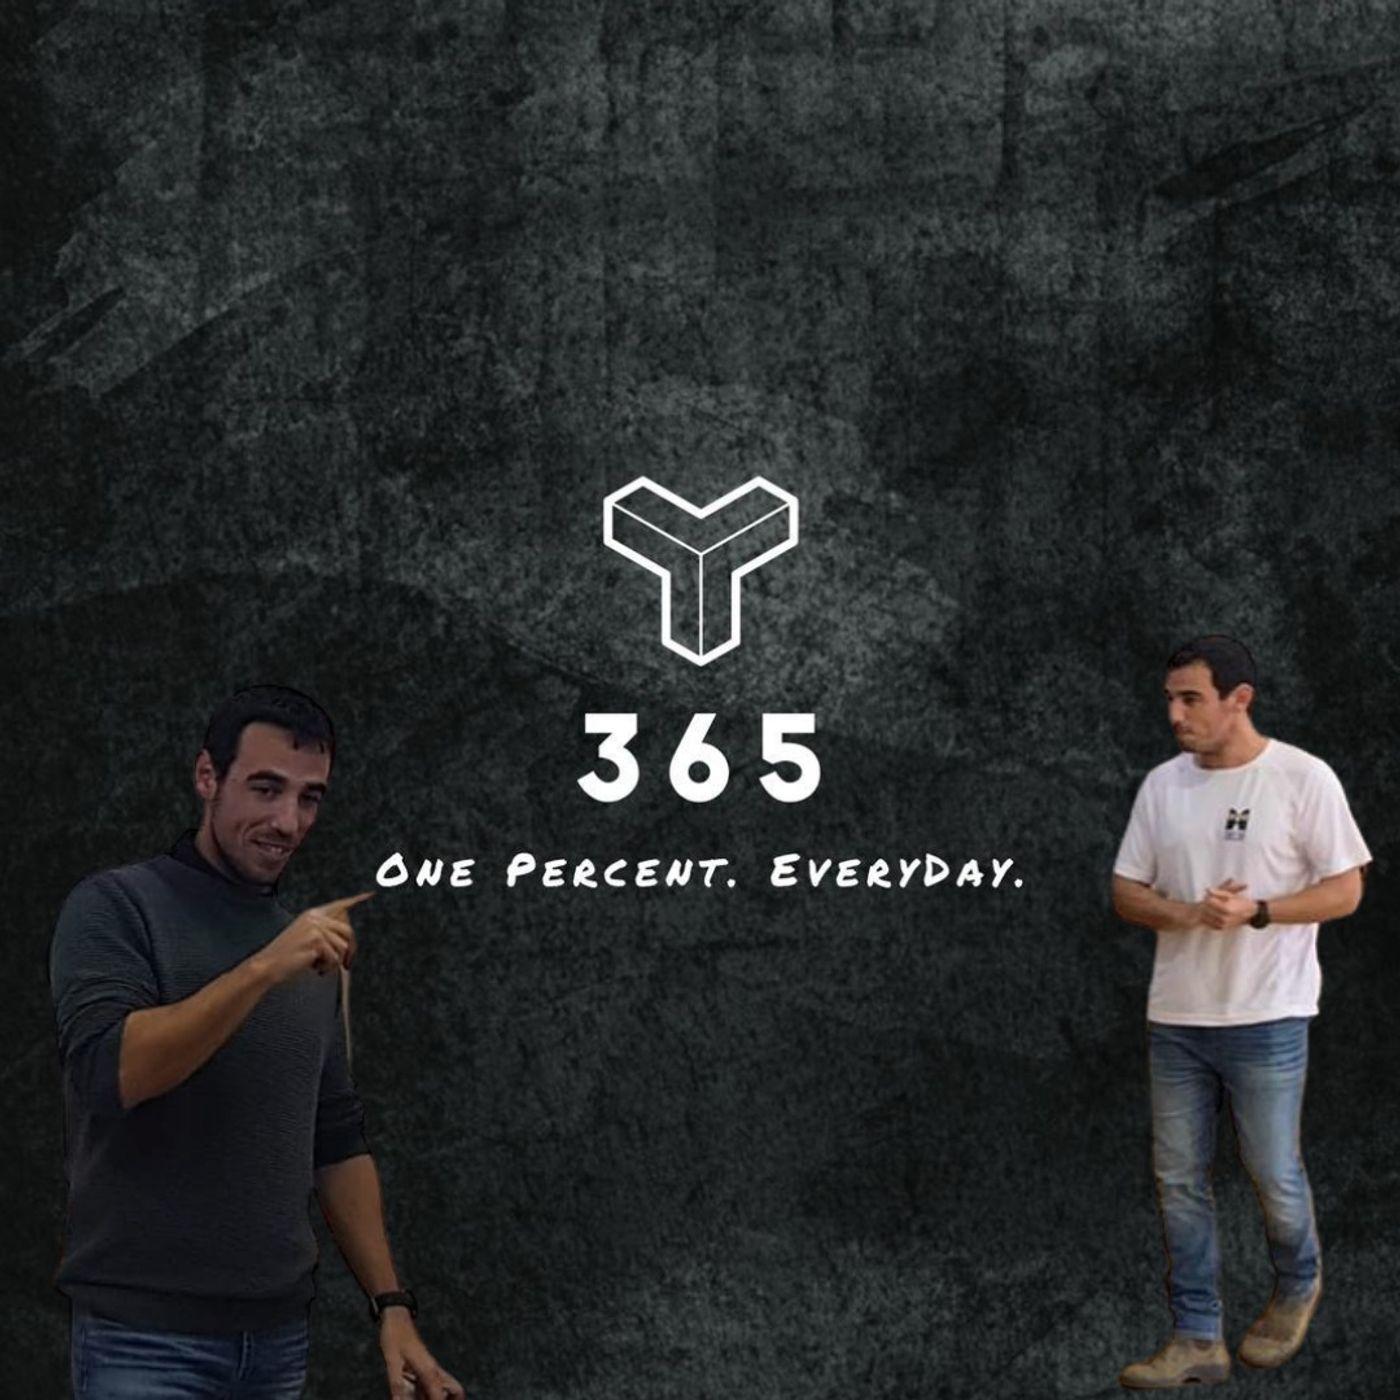 הפודקאסט של 365%